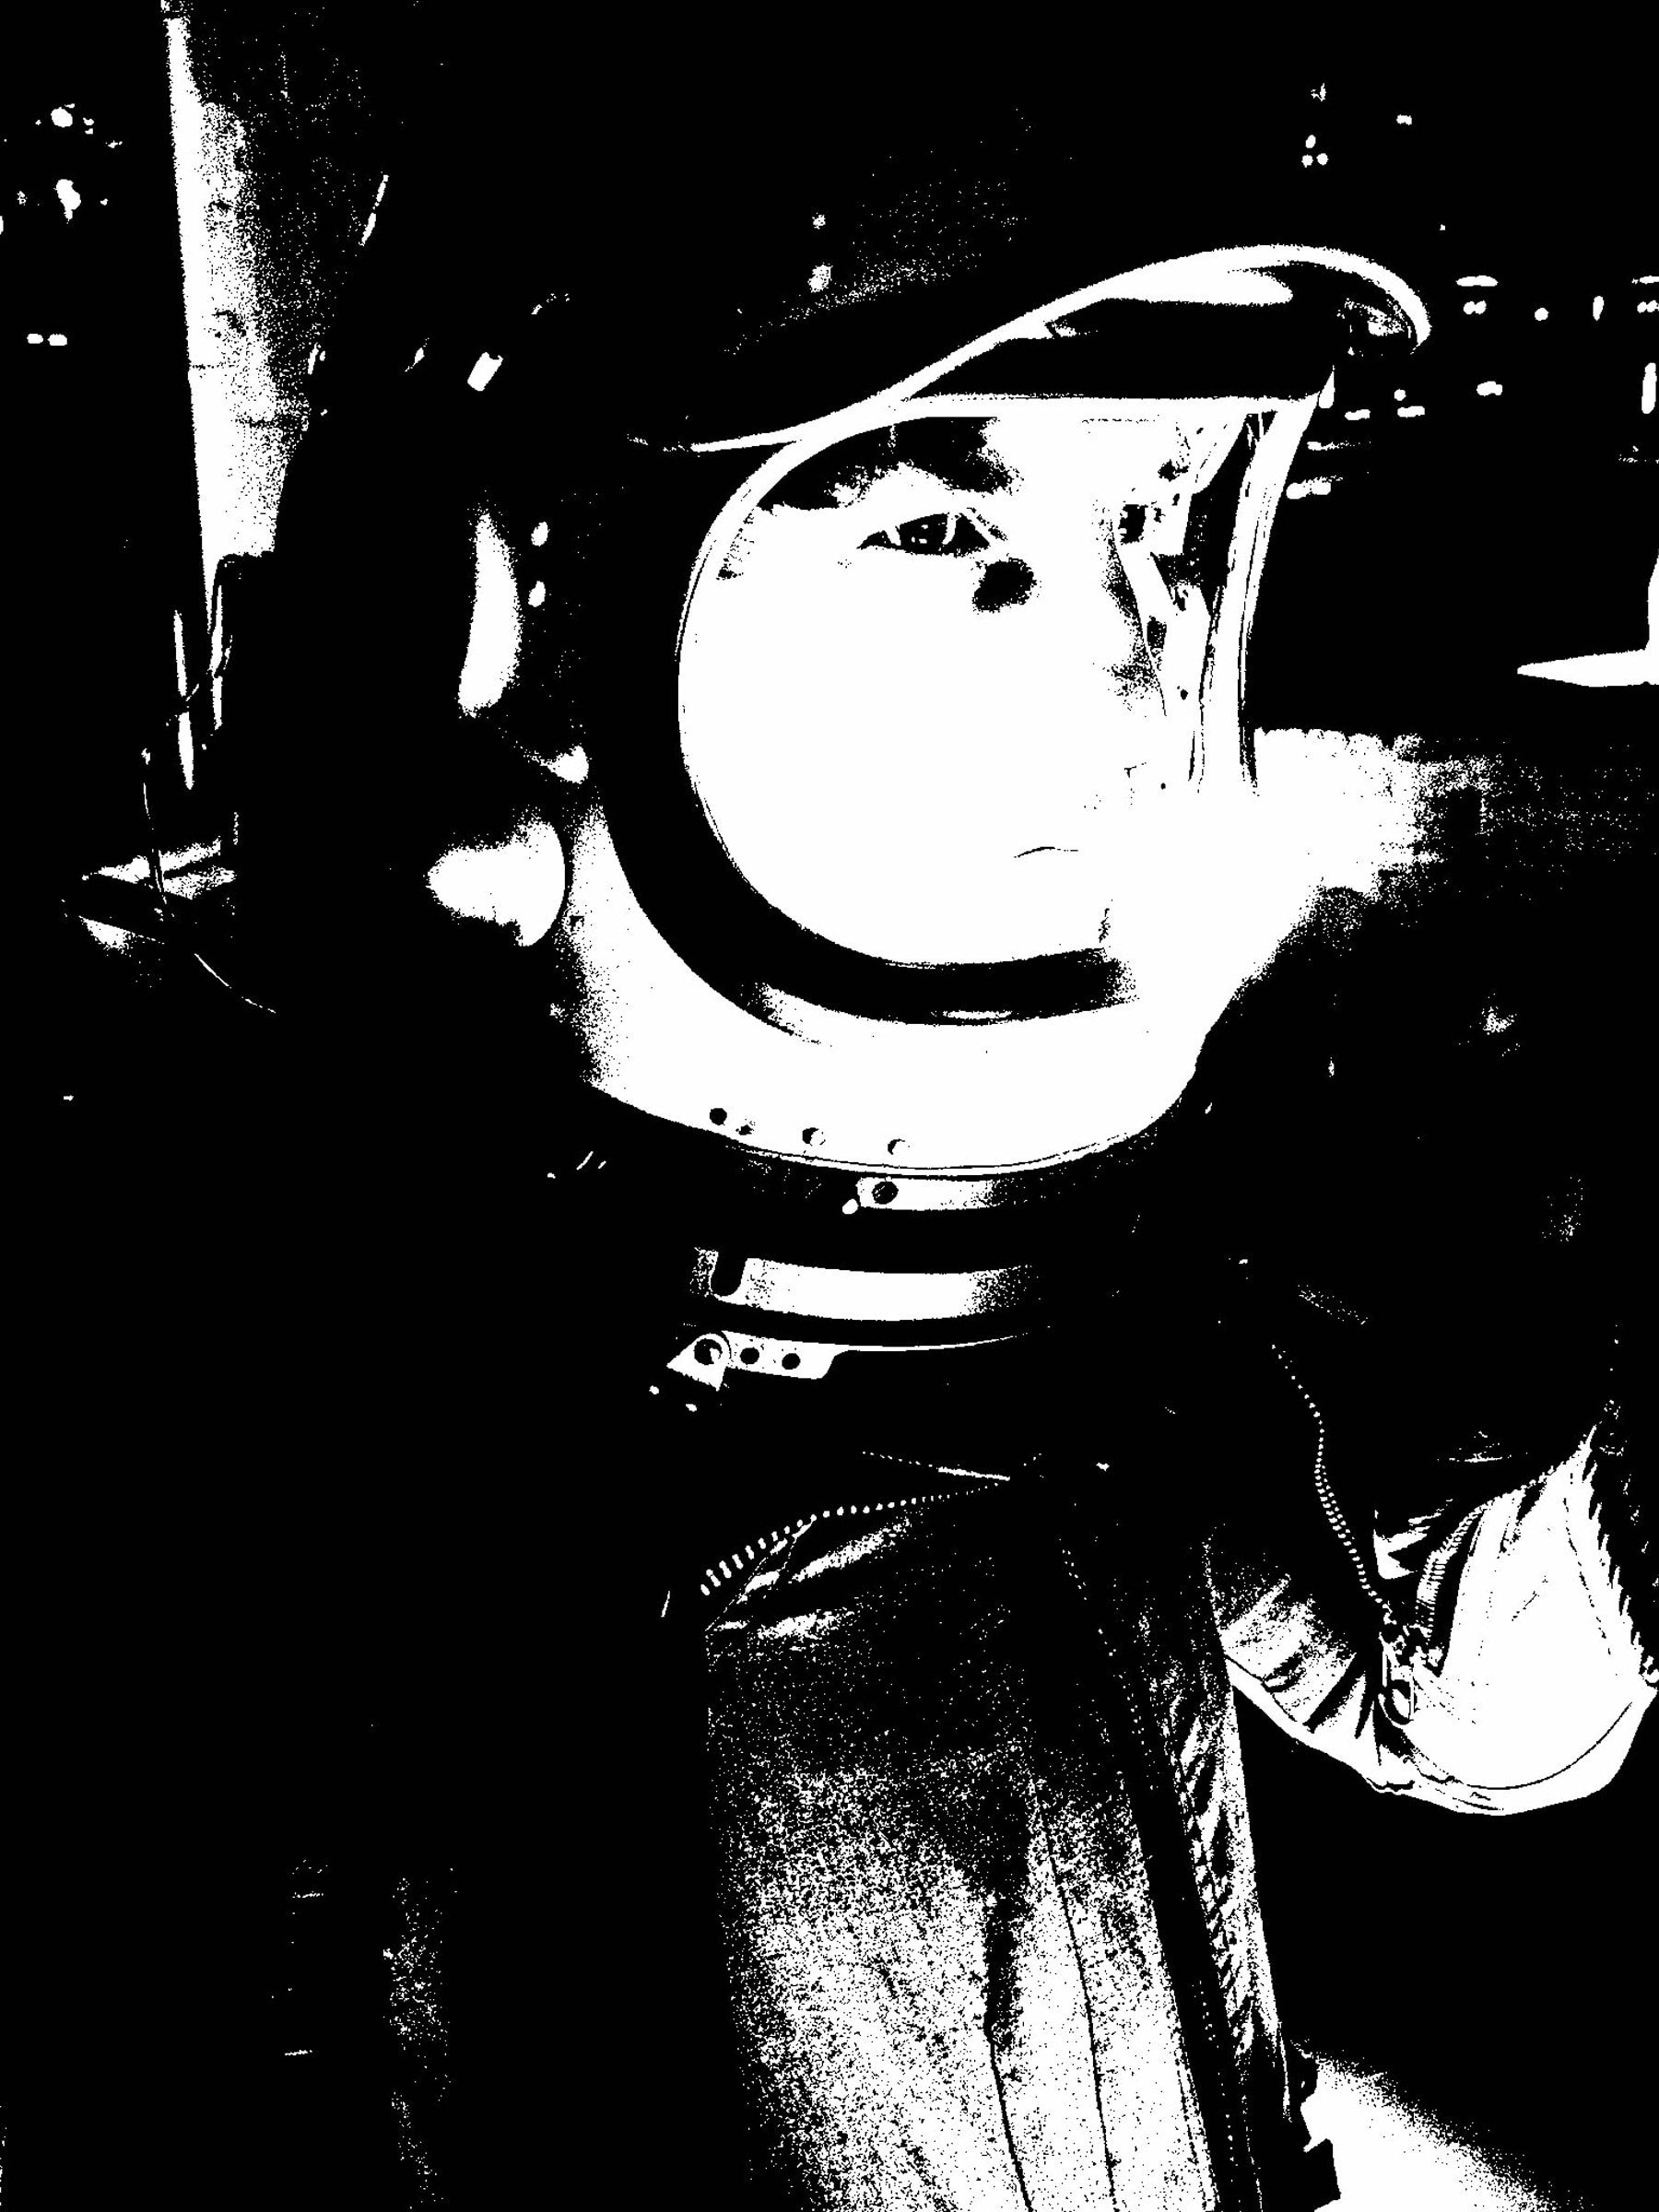 Detail afbeelding 3 van Meteor Musik (photography) | Ontwerp door Stefaan Beeckaert